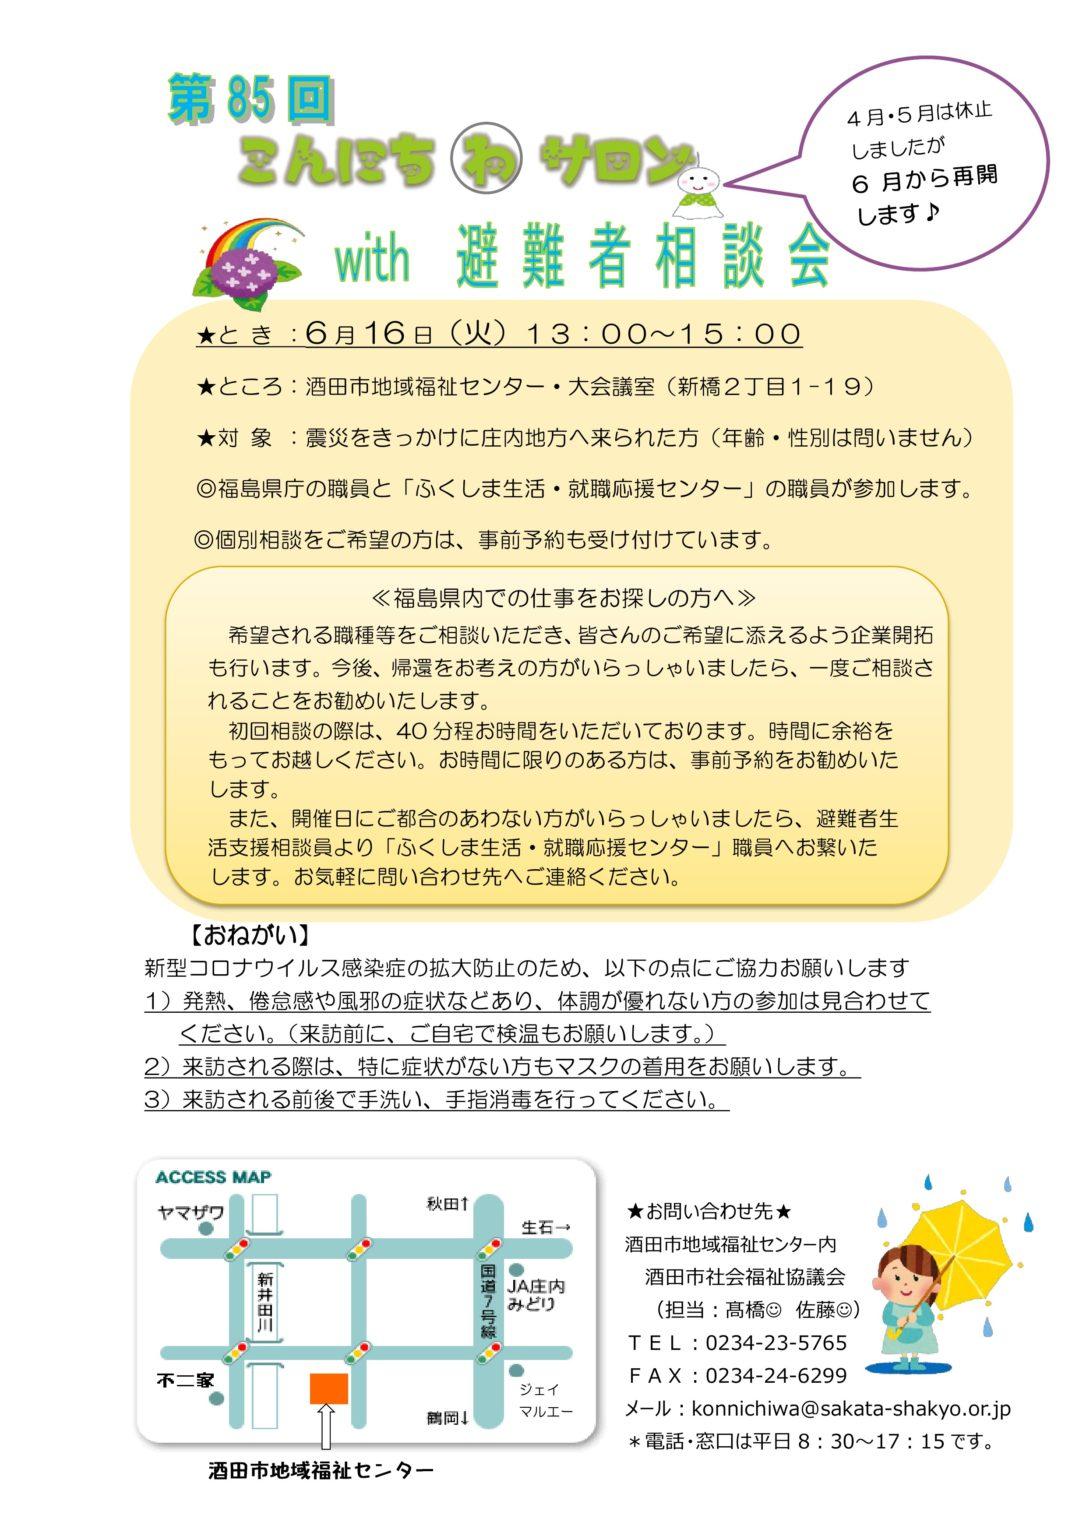 第85回 こんにちわサロン with 避難者相談会